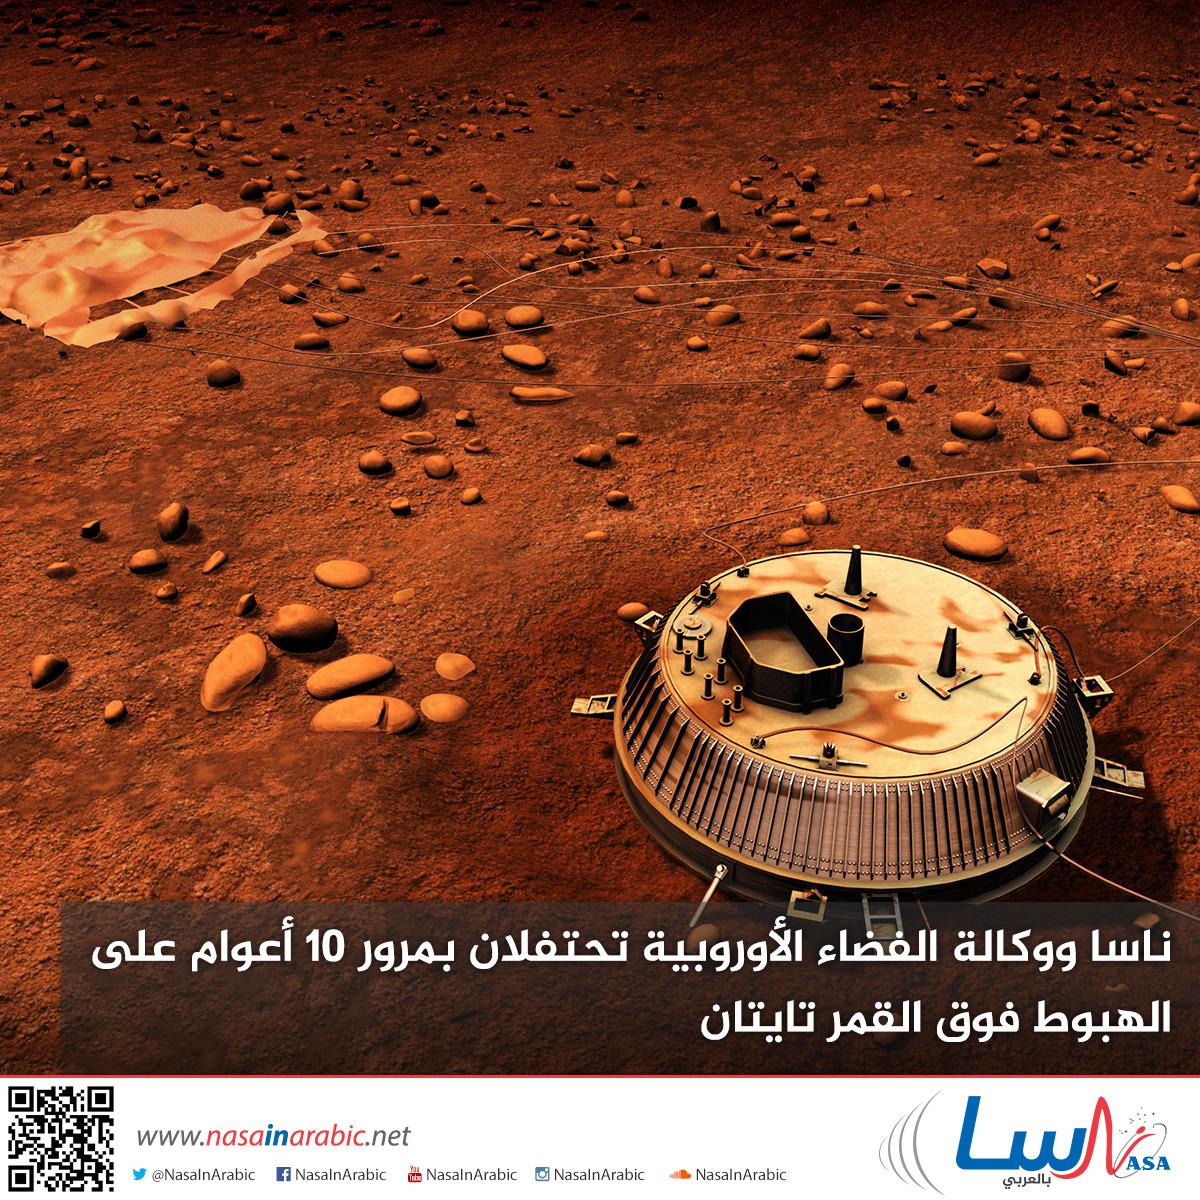 ناسا ووكالة الفضاء الأوروبية تحتفلان بمرور 10 أعوام على الهبوط فوق القمر تايتان